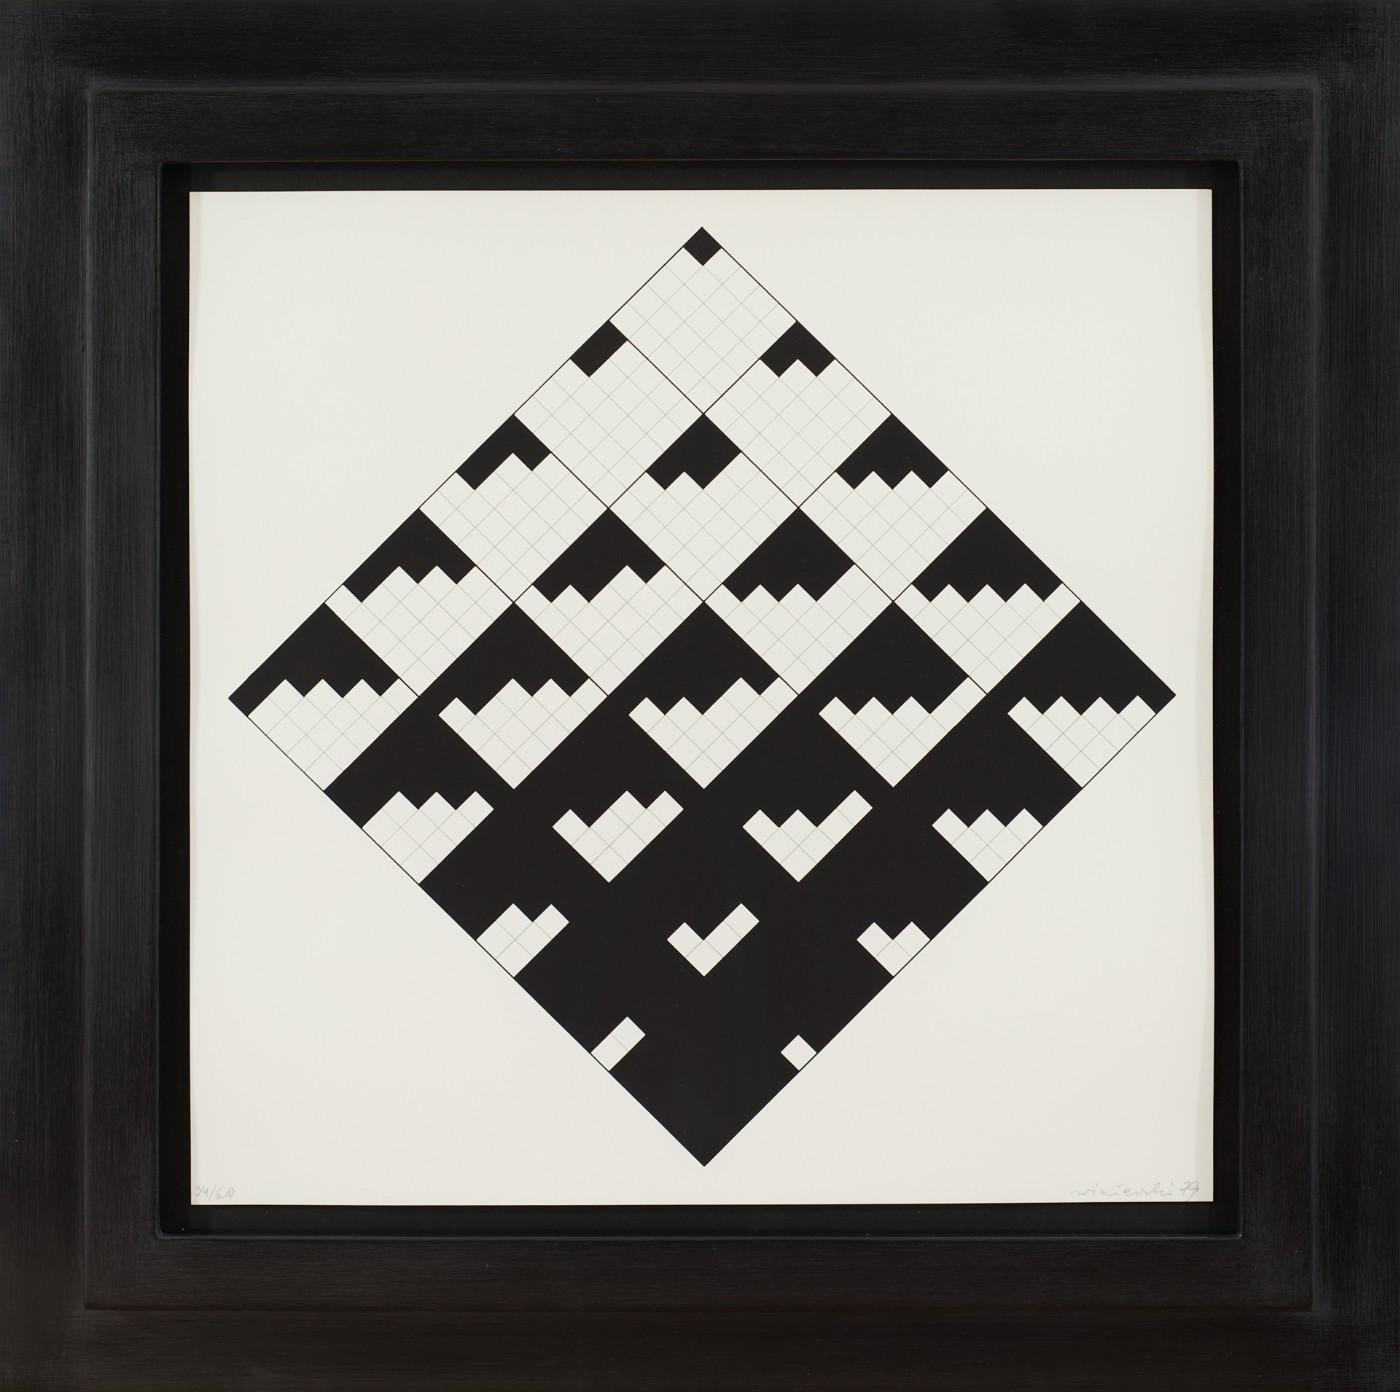 Bez tytułu - Diagonalna gra 6 x 6